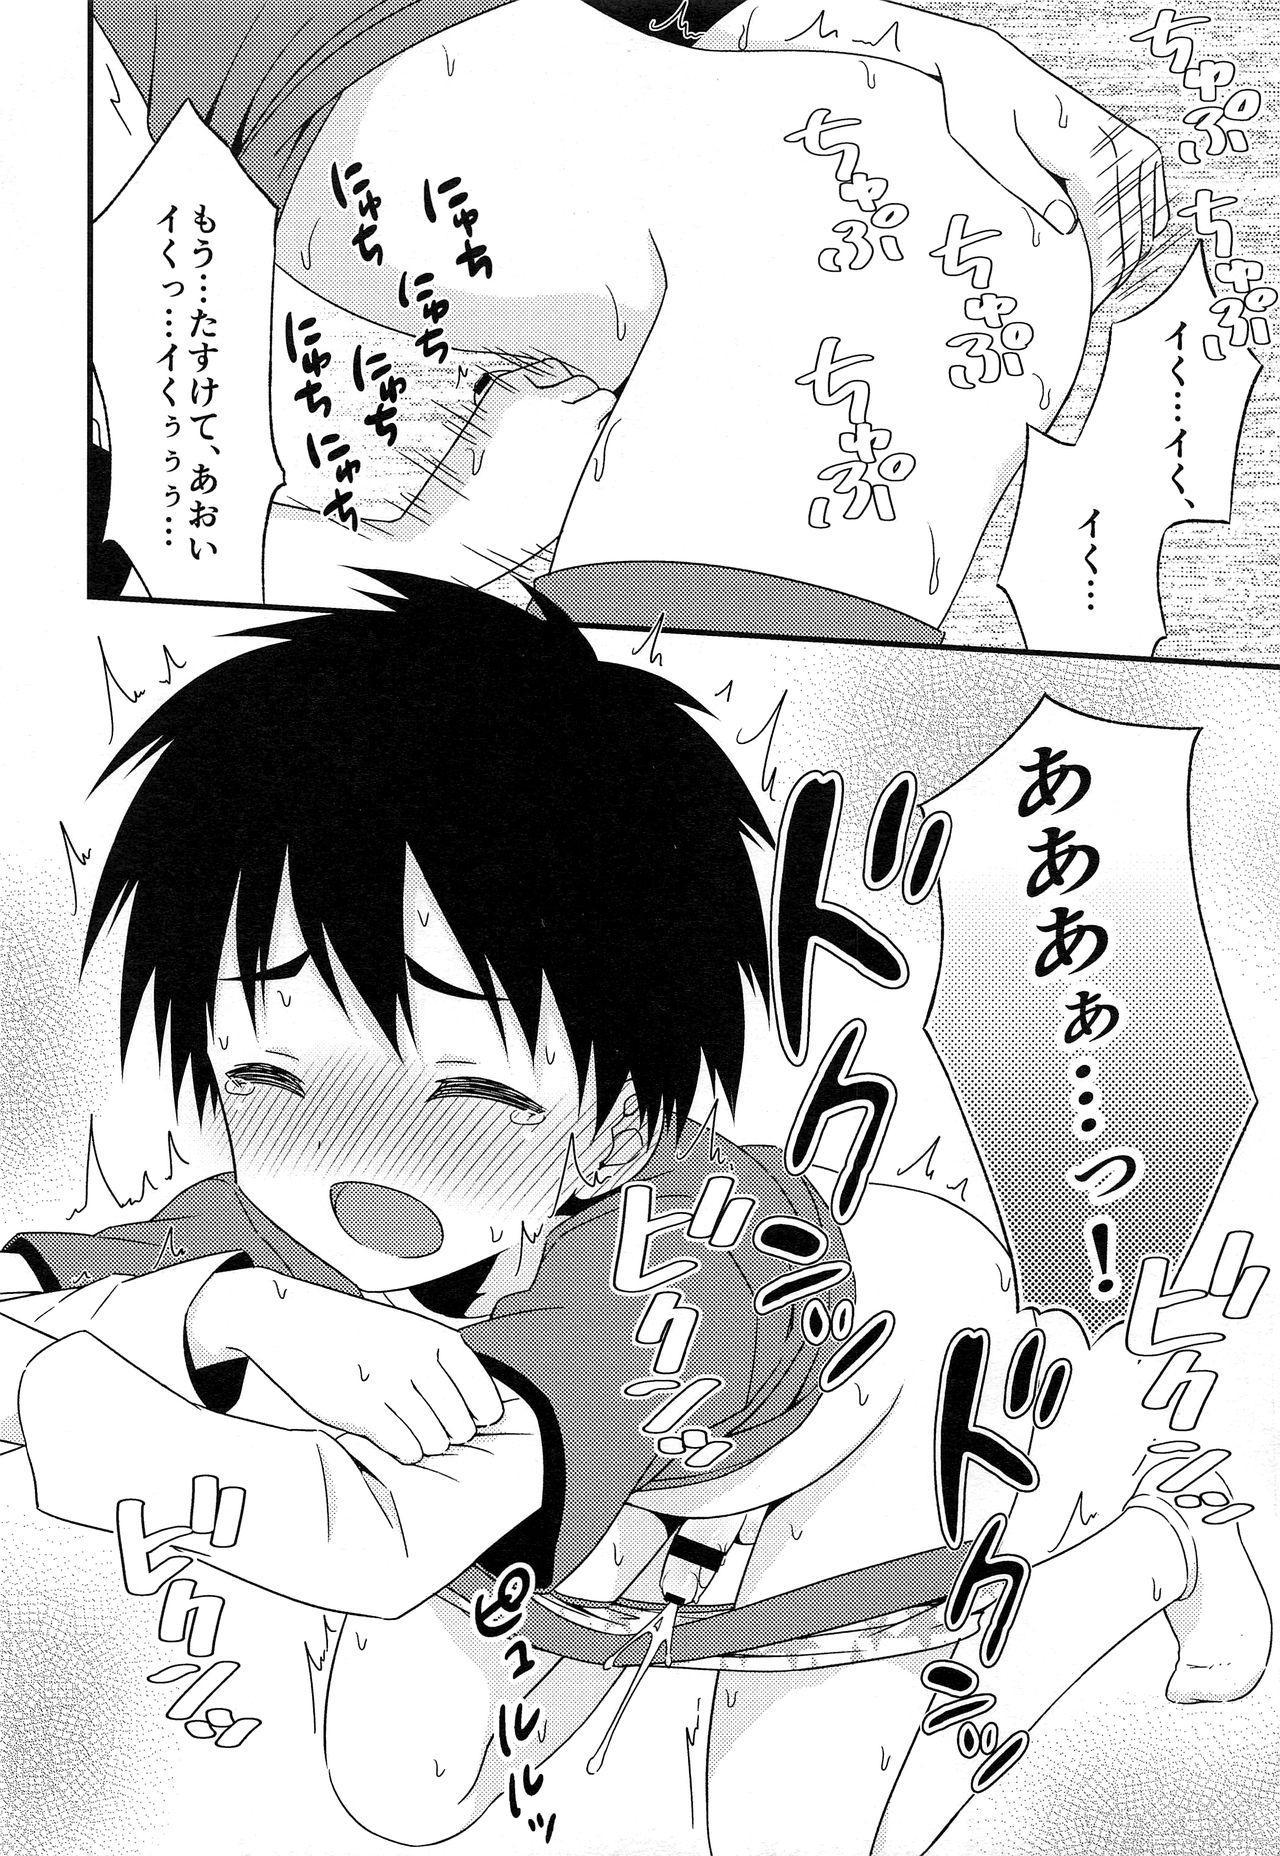 Yuujou no Hate ni Kimi to Sex shita 14